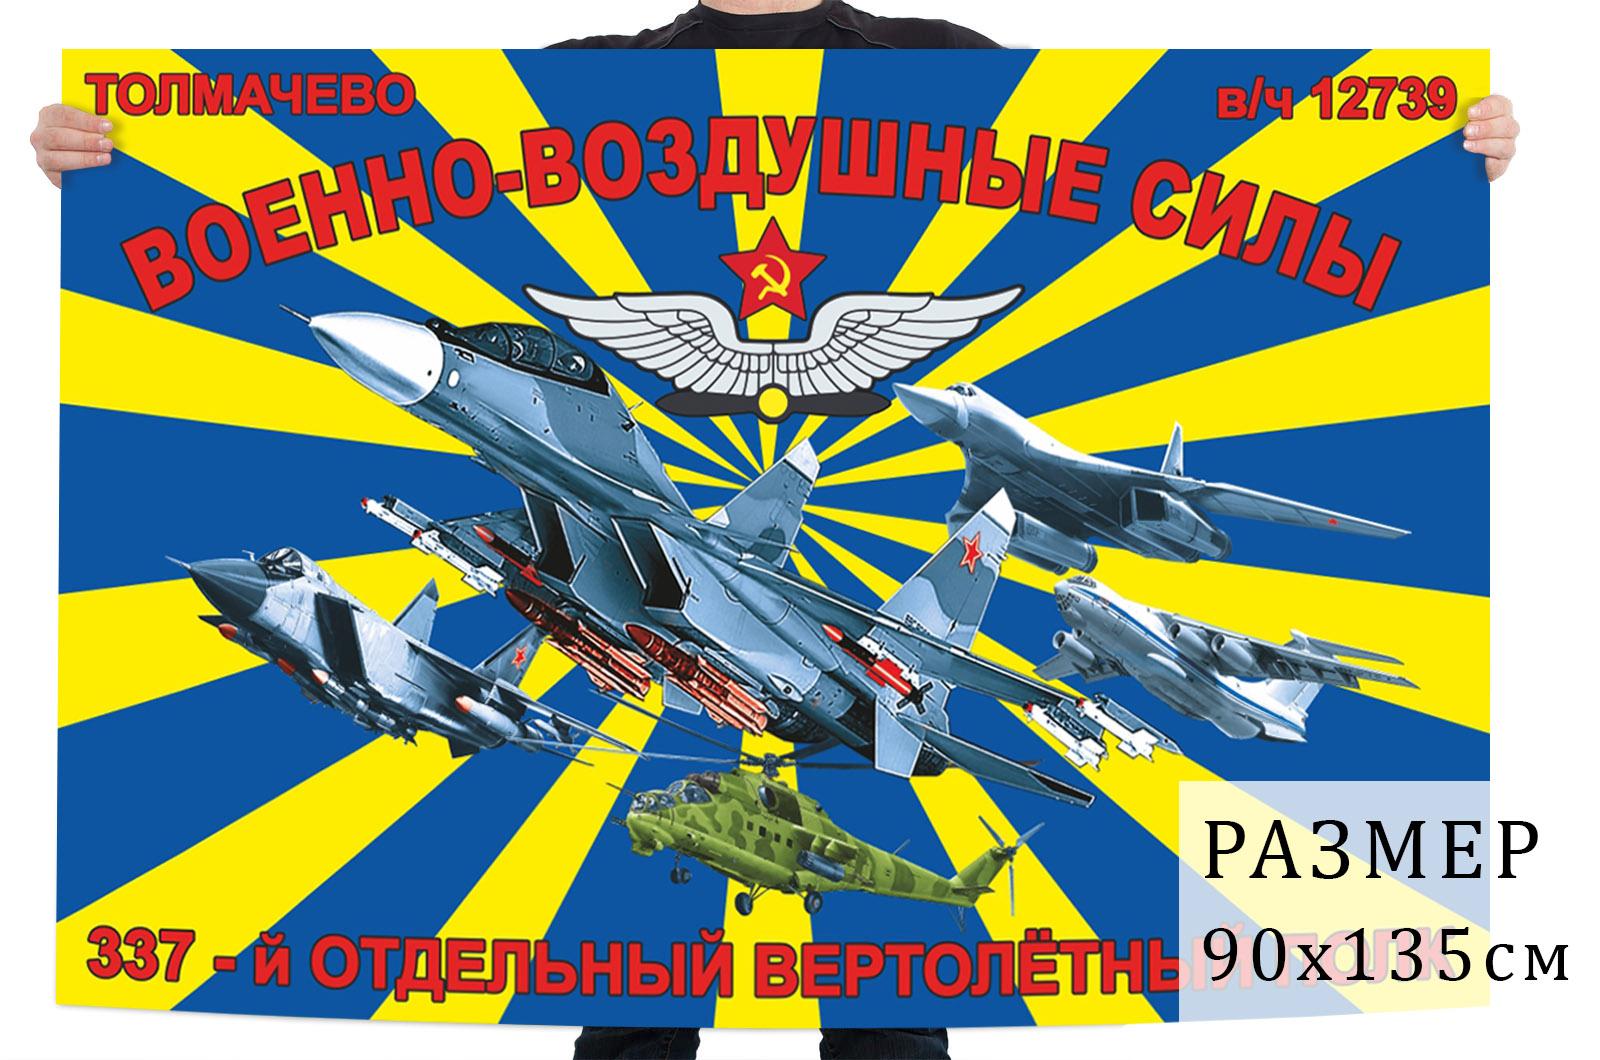 Флаг 337 Отдельного вертолетного полка